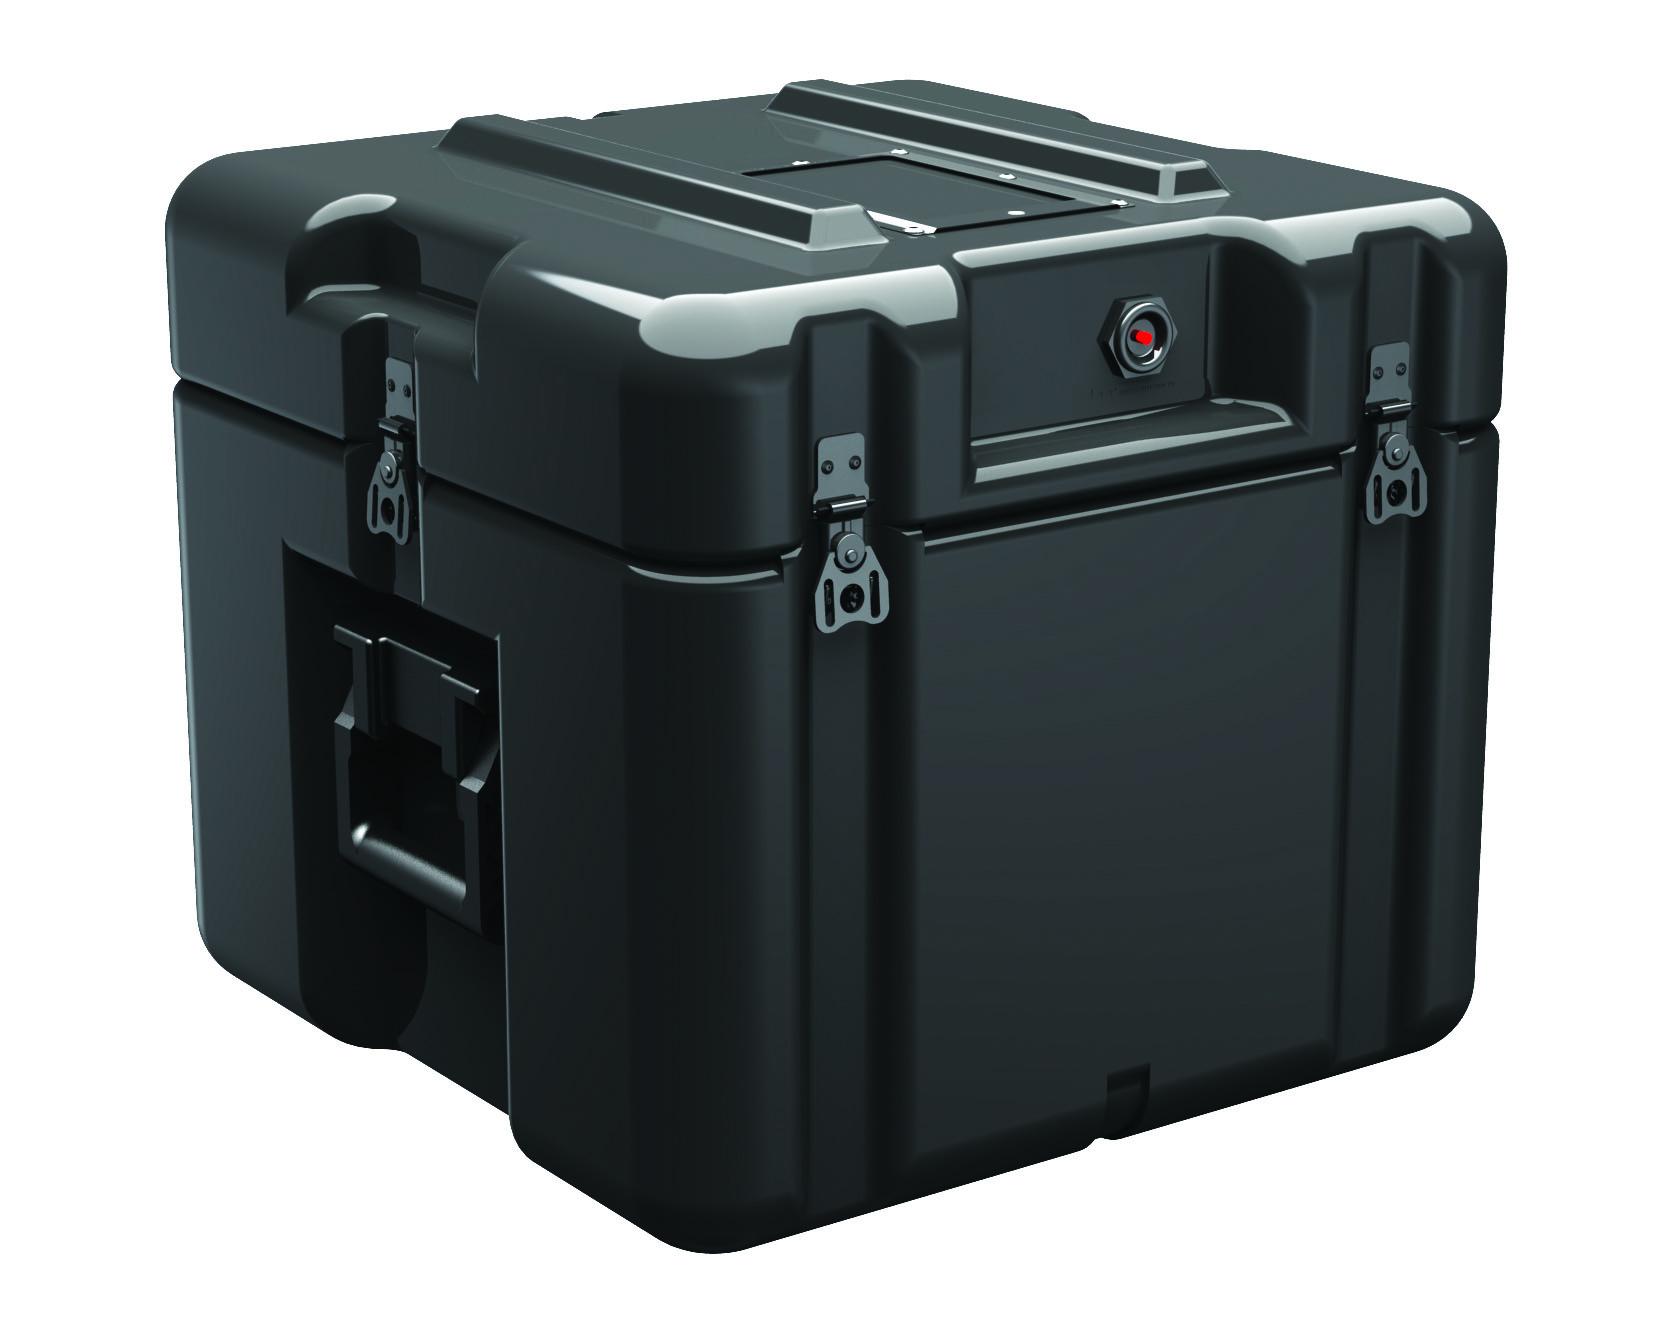 AL1616-1204 - AL1616-1204 Pelican Hardigg Transport Cube Case